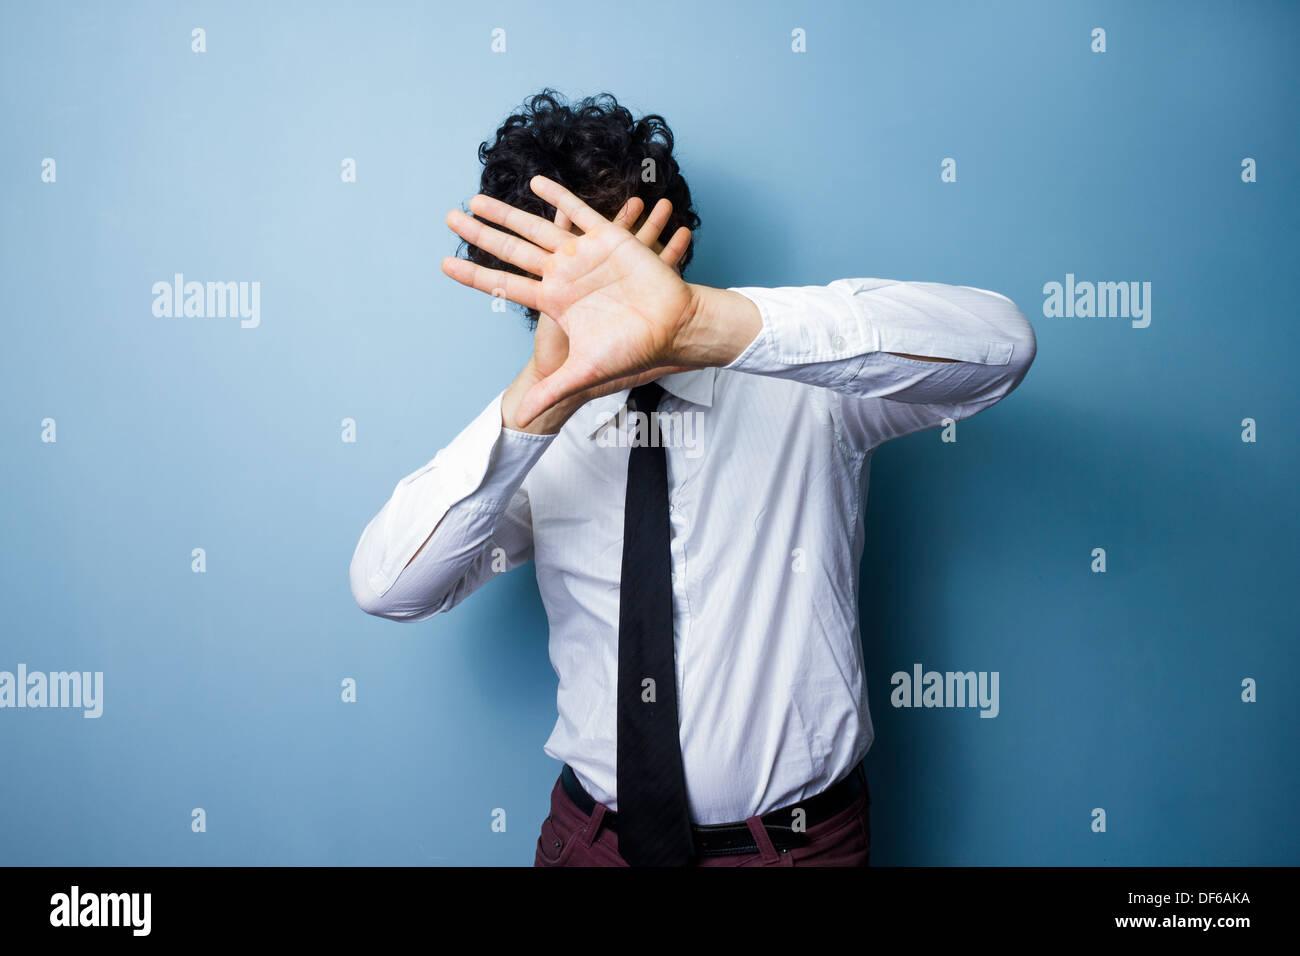 Joven está protegiendo su rostro forma luces cegadora. Imagen De Stock